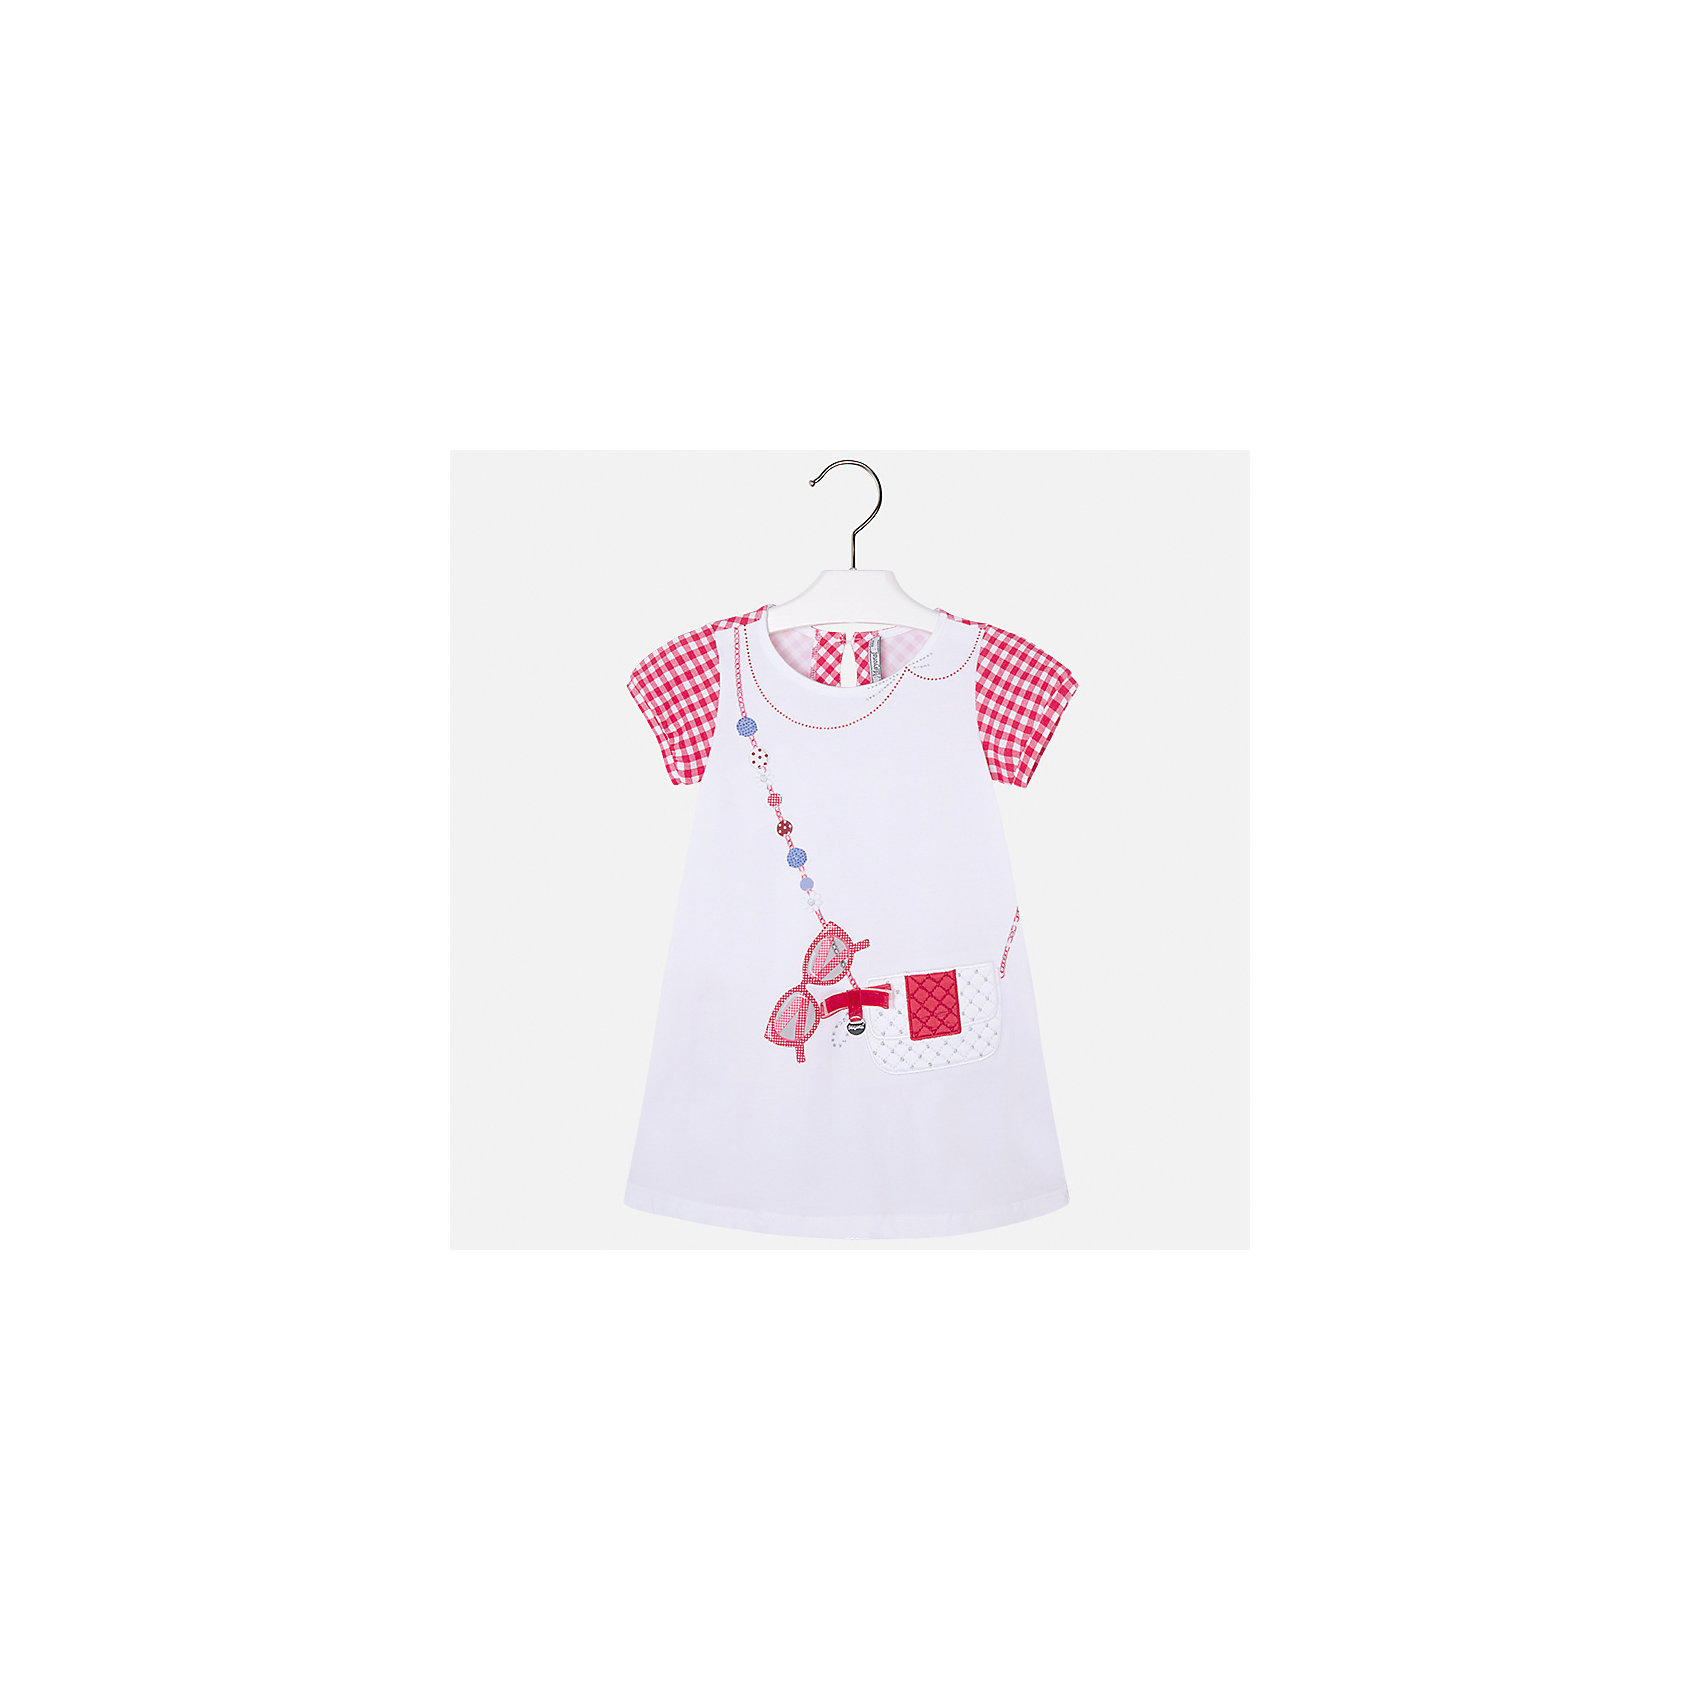 Платье для девочки MayoralПлатья и сарафаны<br>Характеристики товара:<br><br>• цвет: белый/красный<br>• состав: 95% хлопок, 5% эластан<br>• застежка: молния<br>• короткие рукава <br>• декорировано принтом<br>• металлический логотип<br>• страна бренда: Испания<br><br>Нарядное платье для девочки поможет разнообразить гардероб ребенка и создать эффектный наряд. Оно подойдет для различных случаев. Красивый оттенок позволяет подобрать к вещи обувь разных расцветок. Платье хорошо сидит по фигуре и оригинально смотрится. В составе материала - натуральный хлопок, гипоаллергенный, приятный на ощупь, дышащий. <br><br>Одежда, обувь и аксессуары от испанского бренда Mayoral полюбились детям и взрослым по всему миру. Модели этой марки - стильные и удобные. Для их производства используются только безопасные, качественные материалы и фурнитура. Порадуйте ребенка модными и красивыми вещами от Mayoral! <br><br>Платье для девочки от испанского бренда Mayoral (Майорал) можно купить в нашем интернет-магазине.<br><br>Ширина мм: 236<br>Глубина мм: 16<br>Высота мм: 184<br>Вес г: 177<br>Цвет: красный<br>Возраст от месяцев: 96<br>Возраст до месяцев: 108<br>Пол: Женский<br>Возраст: Детский<br>Размер: 92,98,104,110,116,122,128,134<br>SKU: 5291328